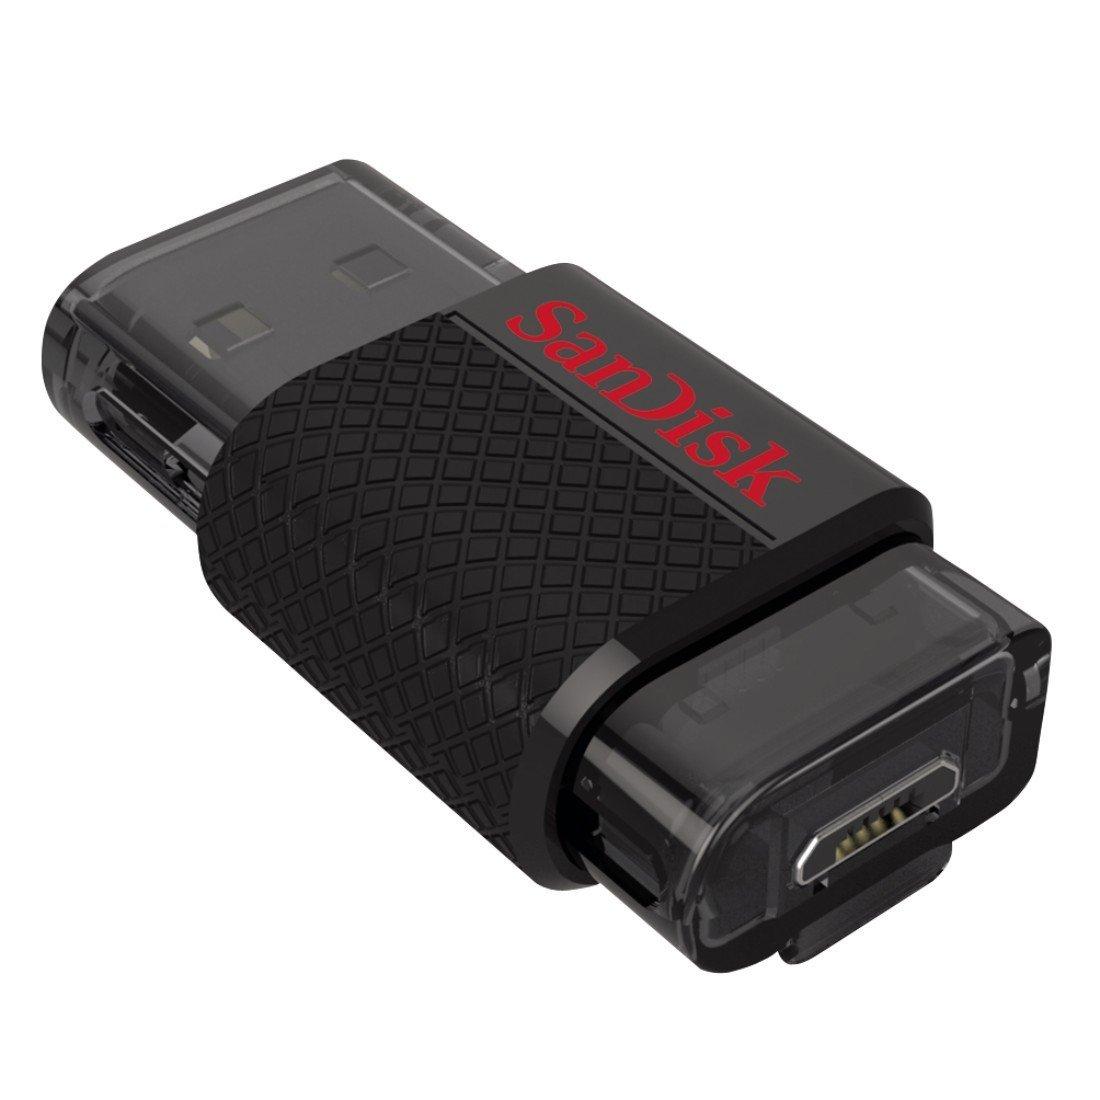 USB Sandisk OTG GAM46 32Gb USB 3.0